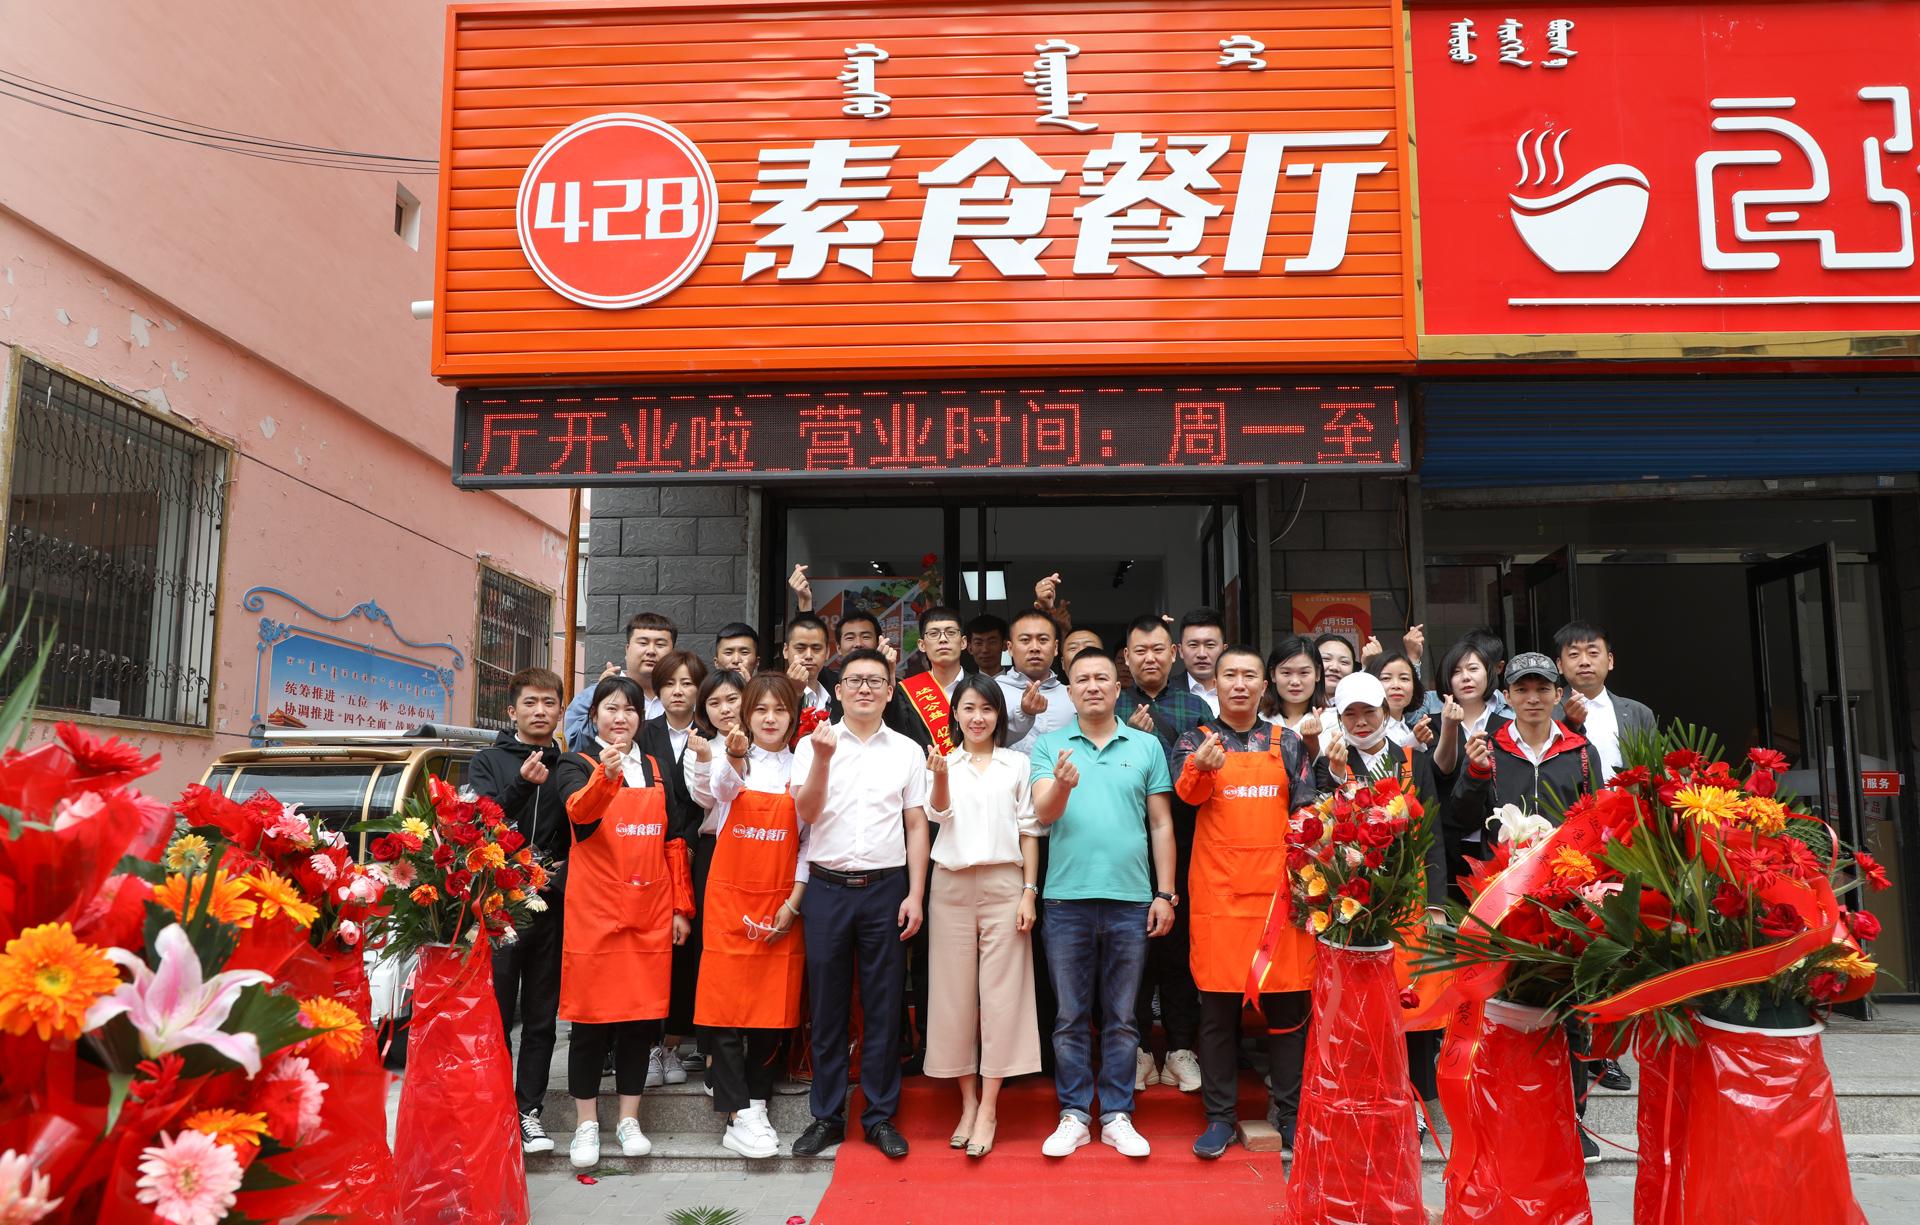 一切为了爱|第5家428免费素食餐厅在通辽正式开放